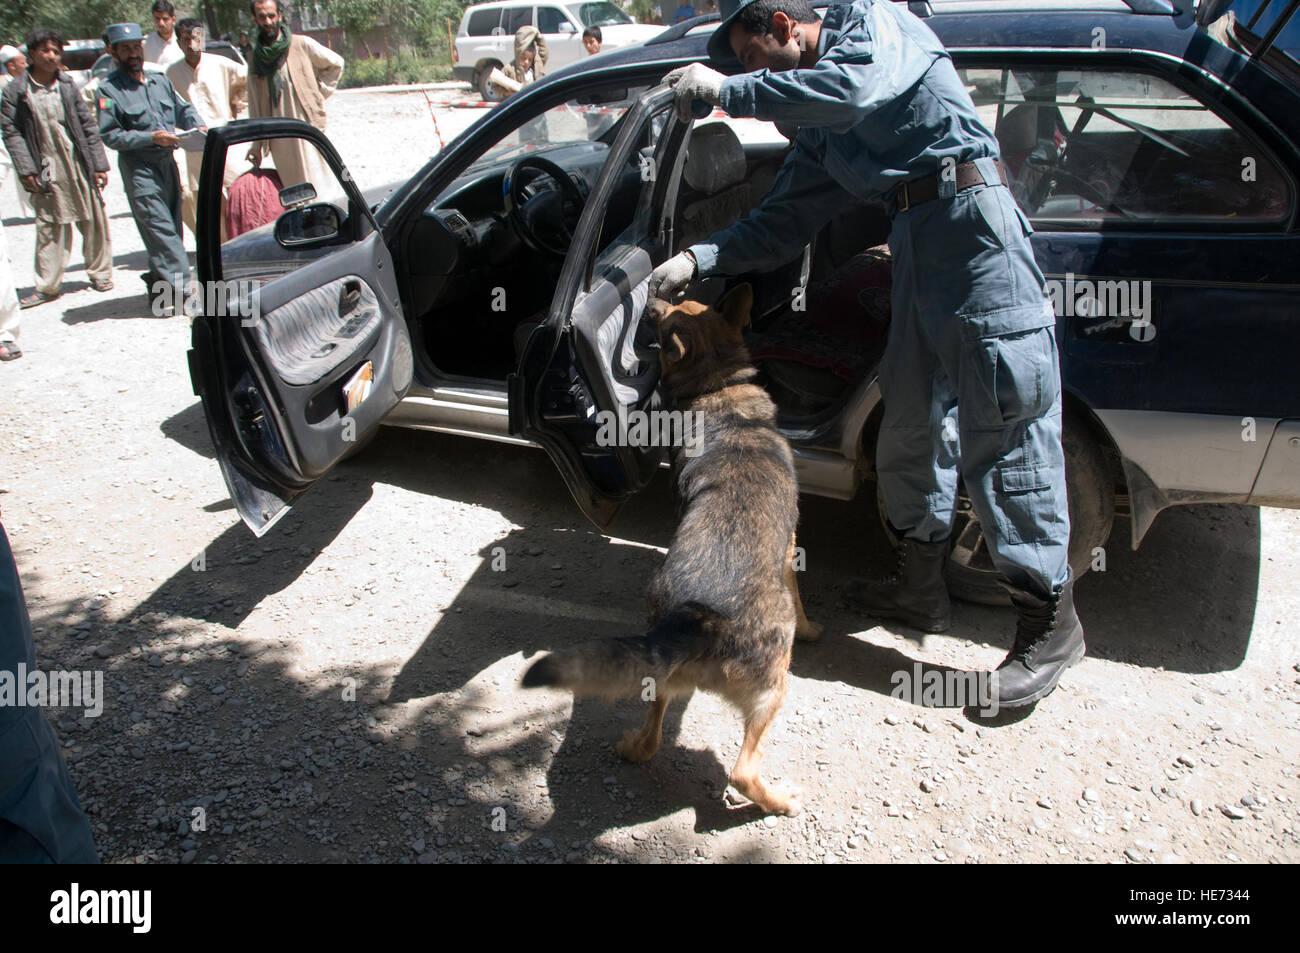 100605-F-1020B-010 Kabul - Enaya Tullah, un oficial de la policía nacional afgana, y su perro de trabajo militar inspeccionar un vehículo en el punto de control 4, uno de los topes de seguridad del interior de la ciudad, 5 de junio de 2010. Los 25 puestos de control alrededor de la sección central de Kabul, conocido como el anillo de acero, son parte de una nueva medida de seguridad del perímetro de la ciudad capital. El Sargento. Sarah Brown/) Foto de stock